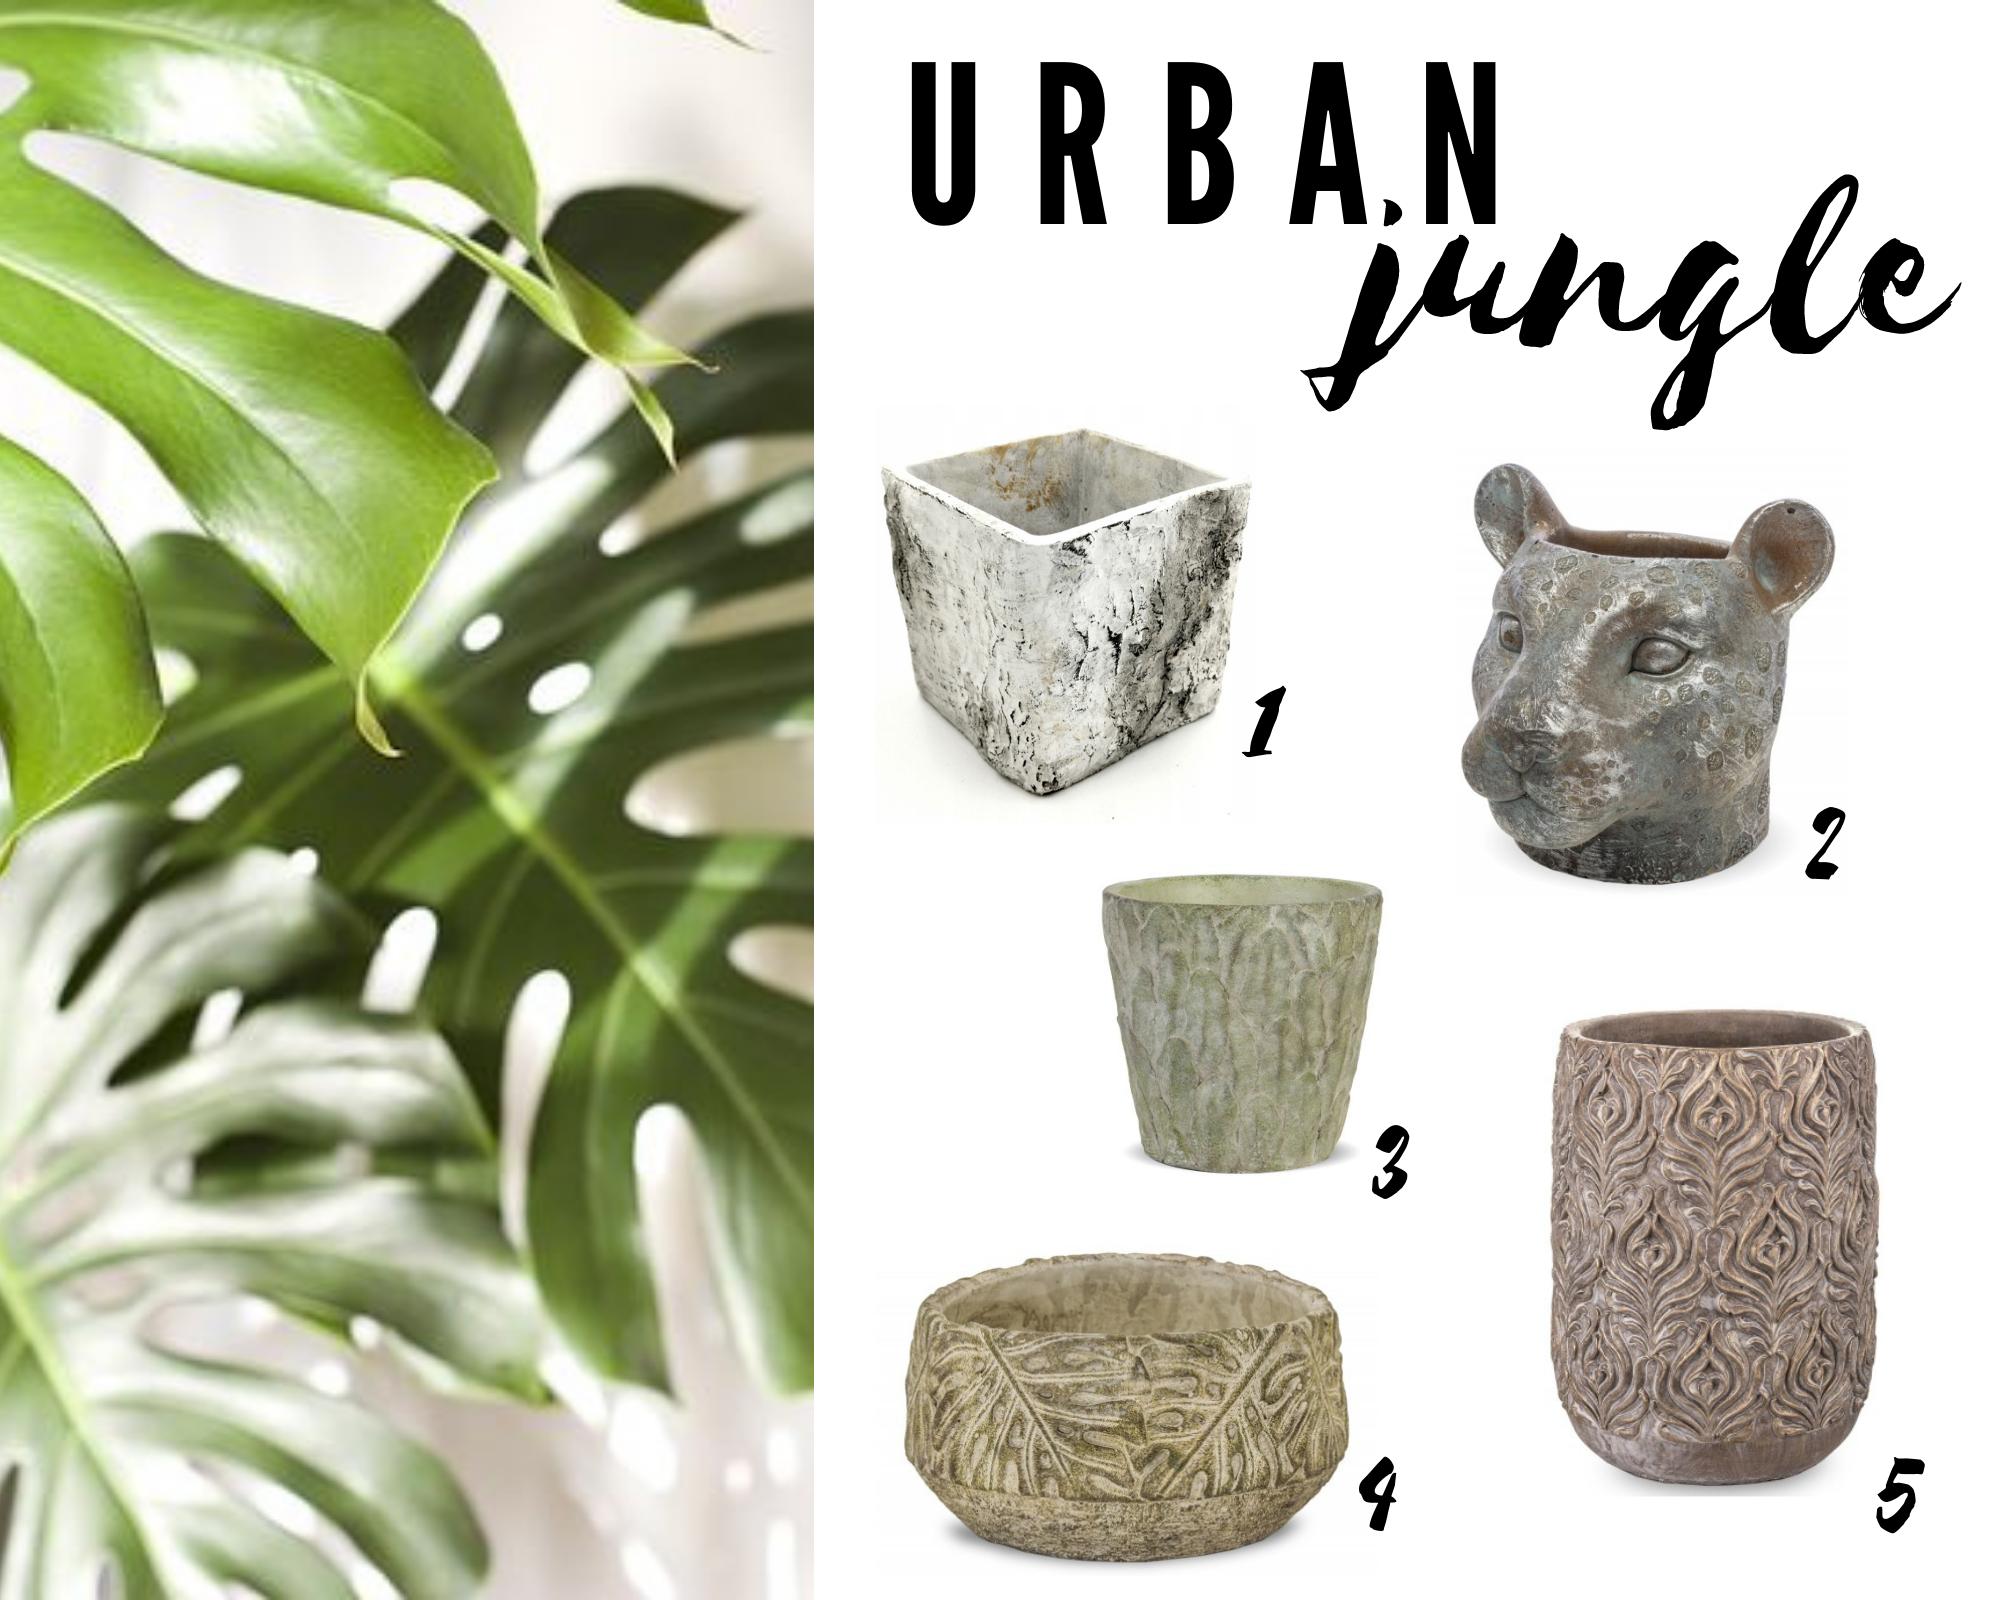 osłonki na doniczki styl urban jungle miejska dżungla